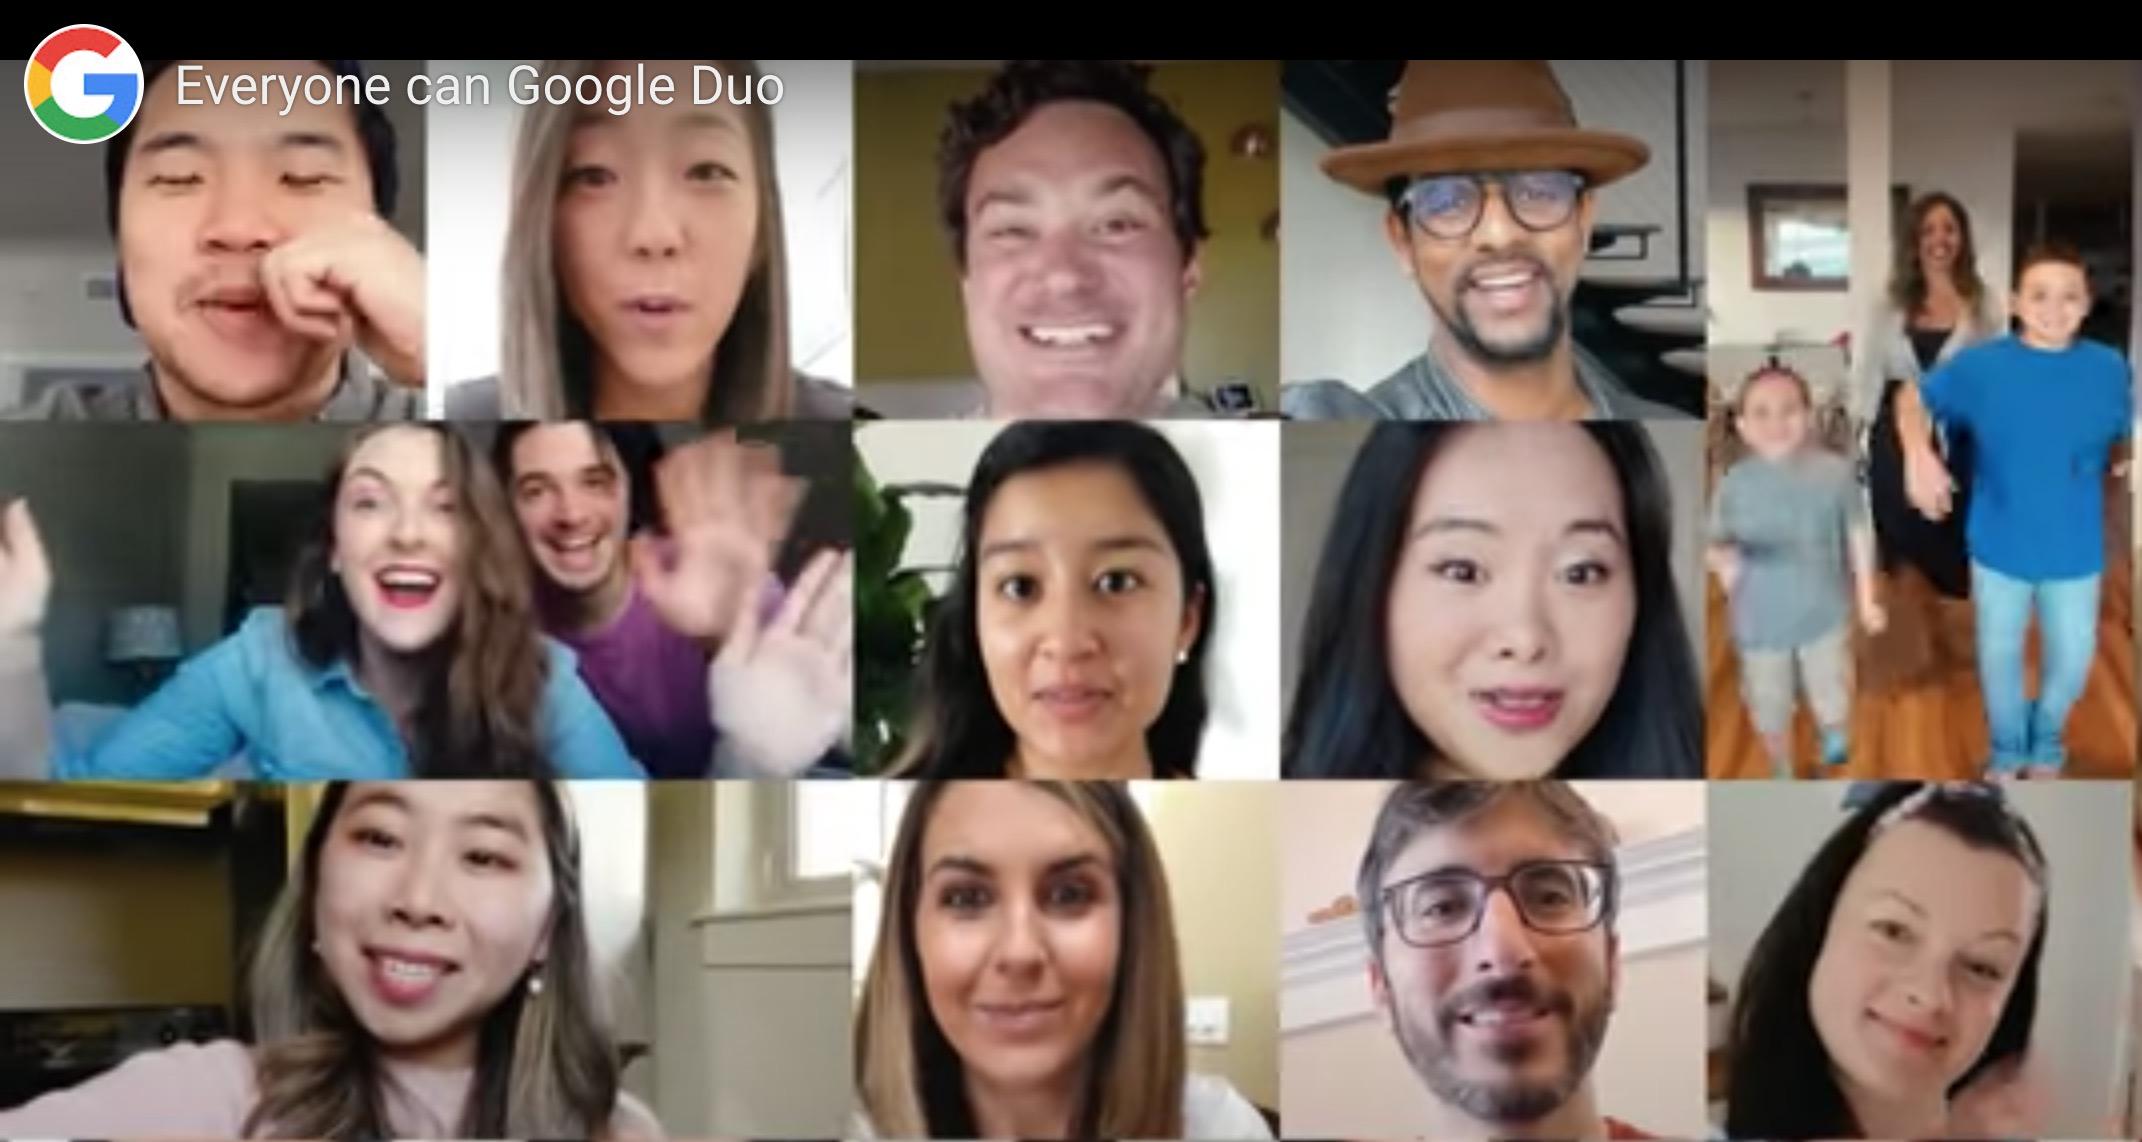 Google Duo cho phép bạn thực hiện các cuộc gọi nhóm tới Chrome, tối đa 32 1